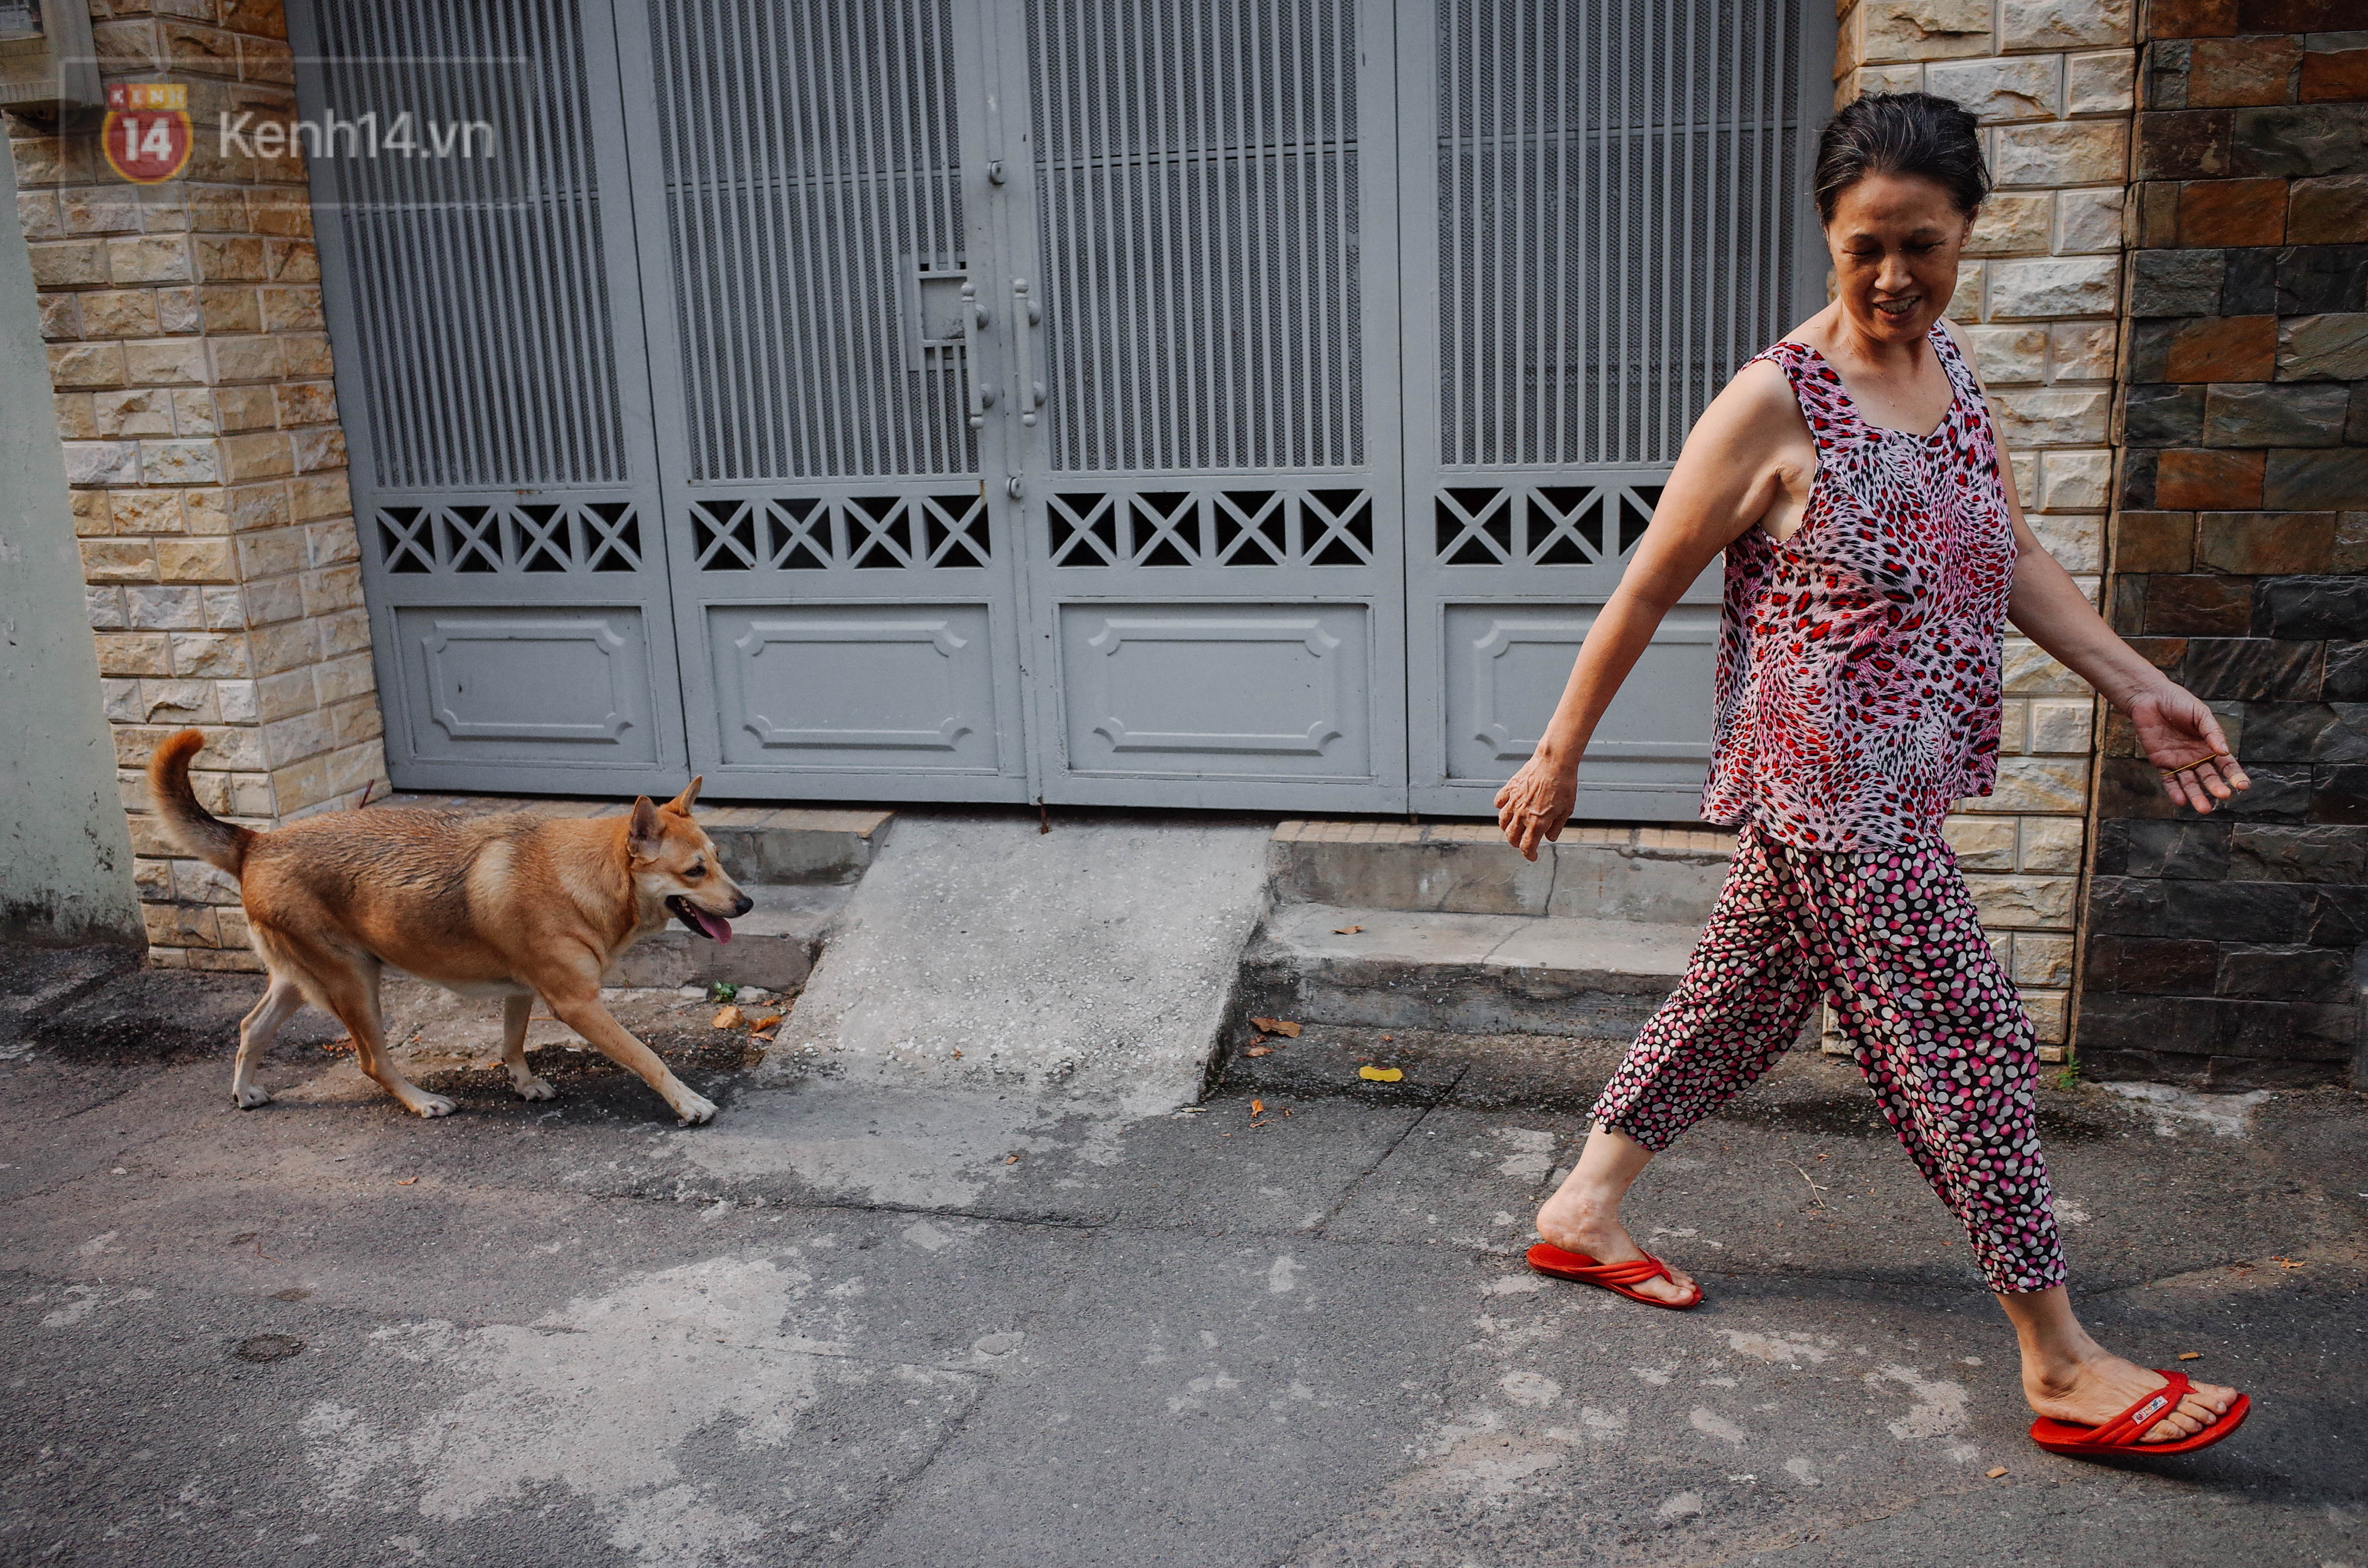 Gặp Gấu - chú chó cá tính nhất Sài Gòn: Chủ mua gì cũng xung phong xách hộ, không cho theo thì hờn mát bỏ ăn! - Ảnh 6.